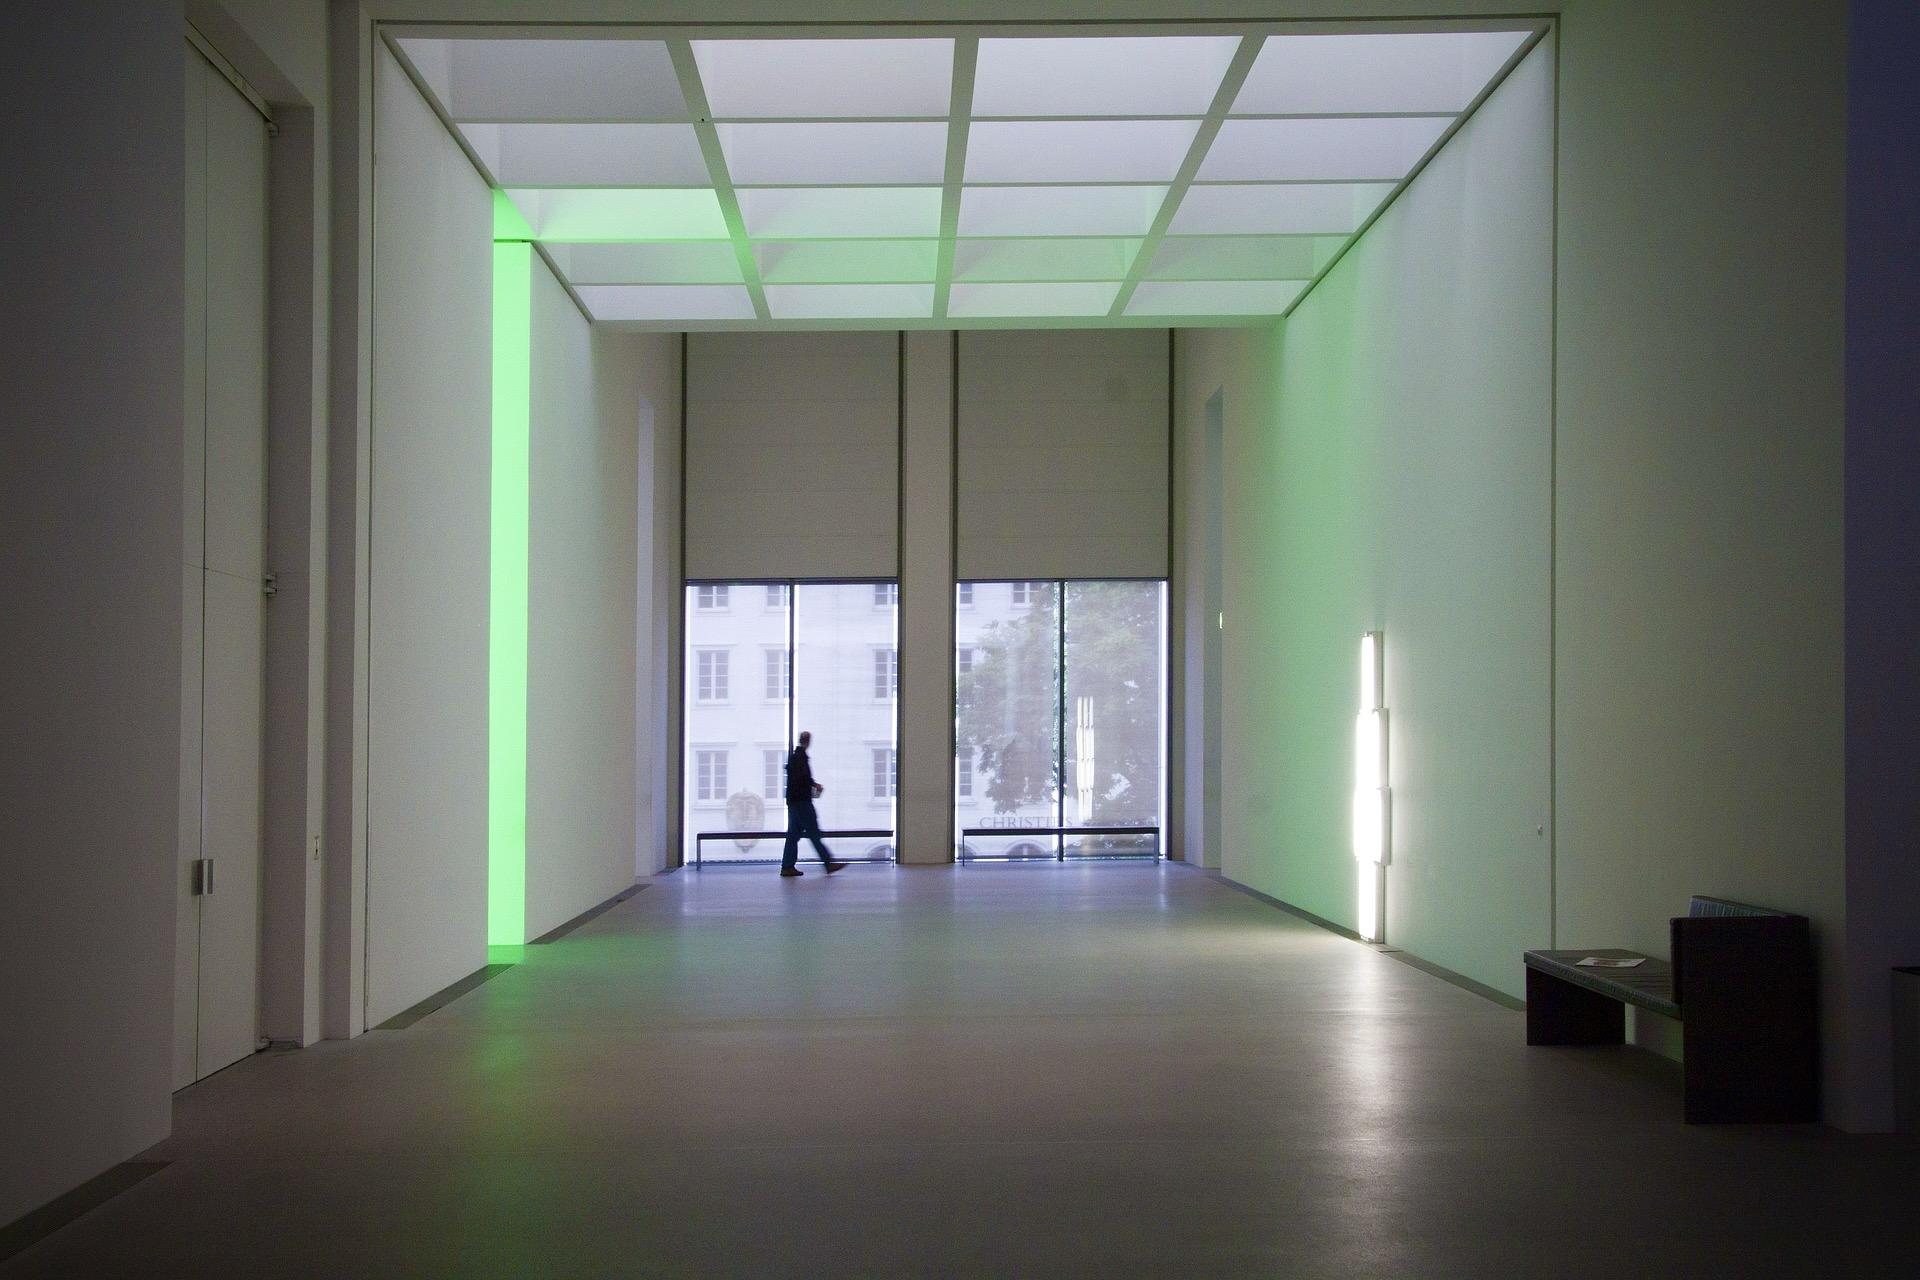 Die Museen und Pinakotheken gehören zu den wichtigsten Attraktionen und Highlights Münchens